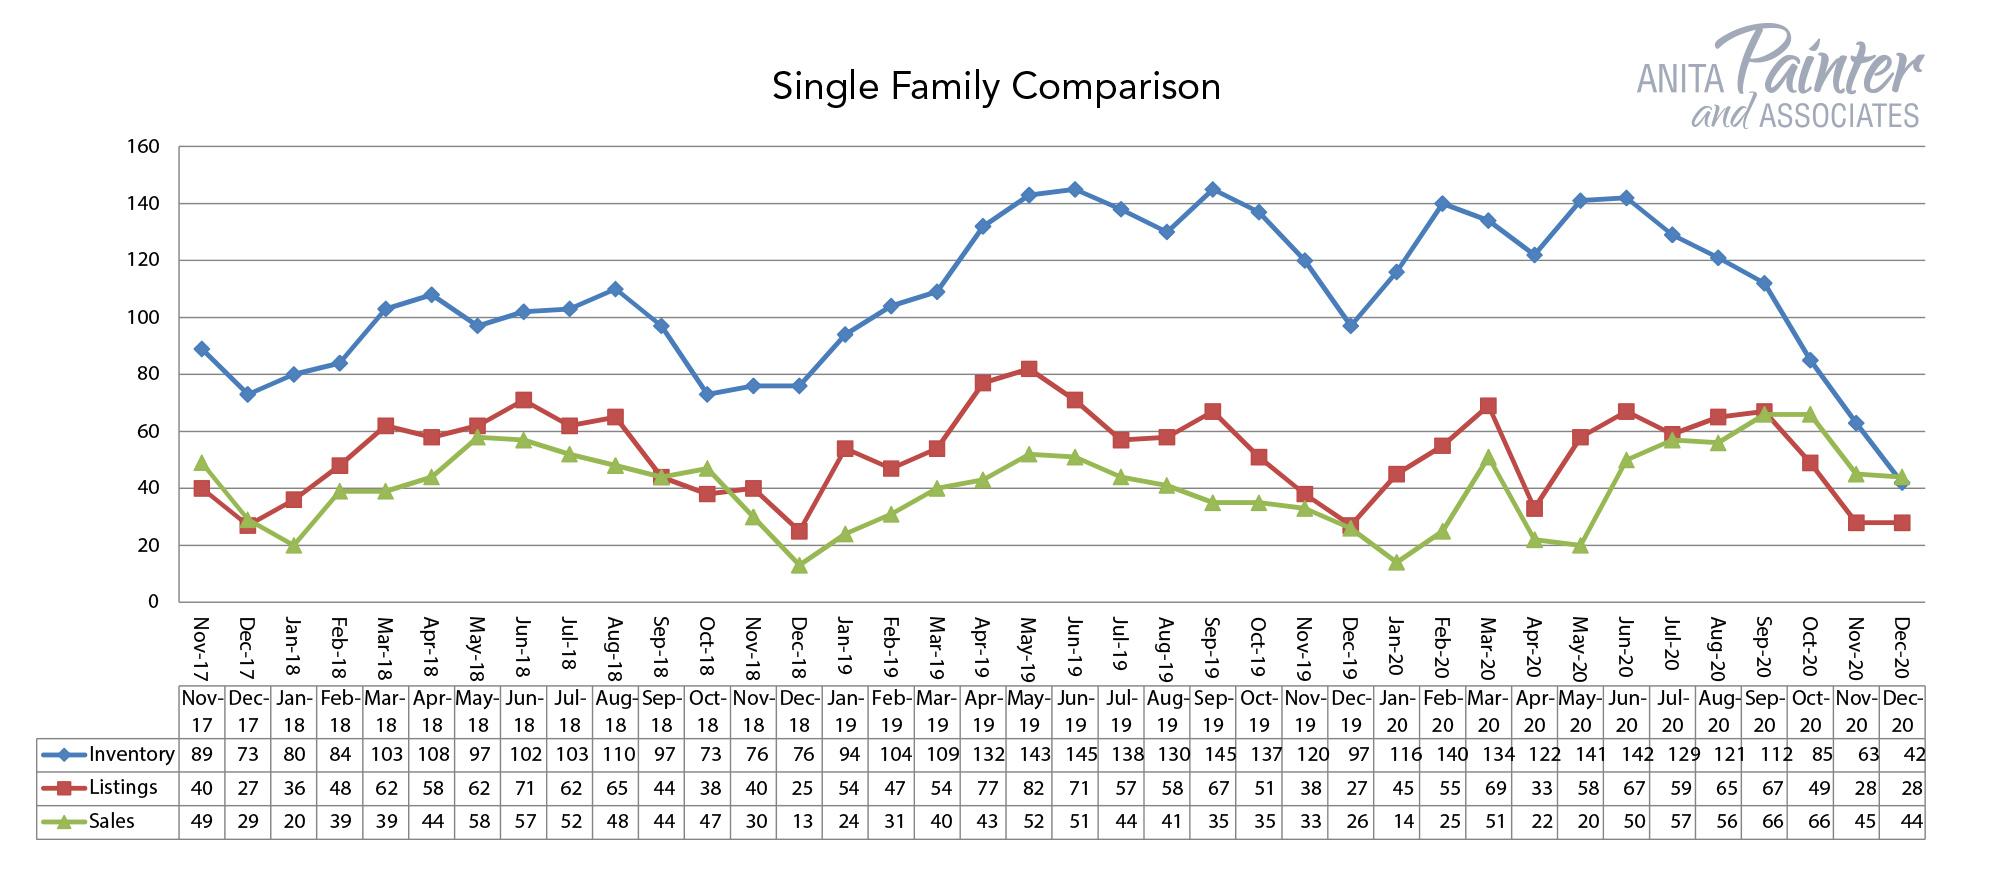 Single Family Comparison